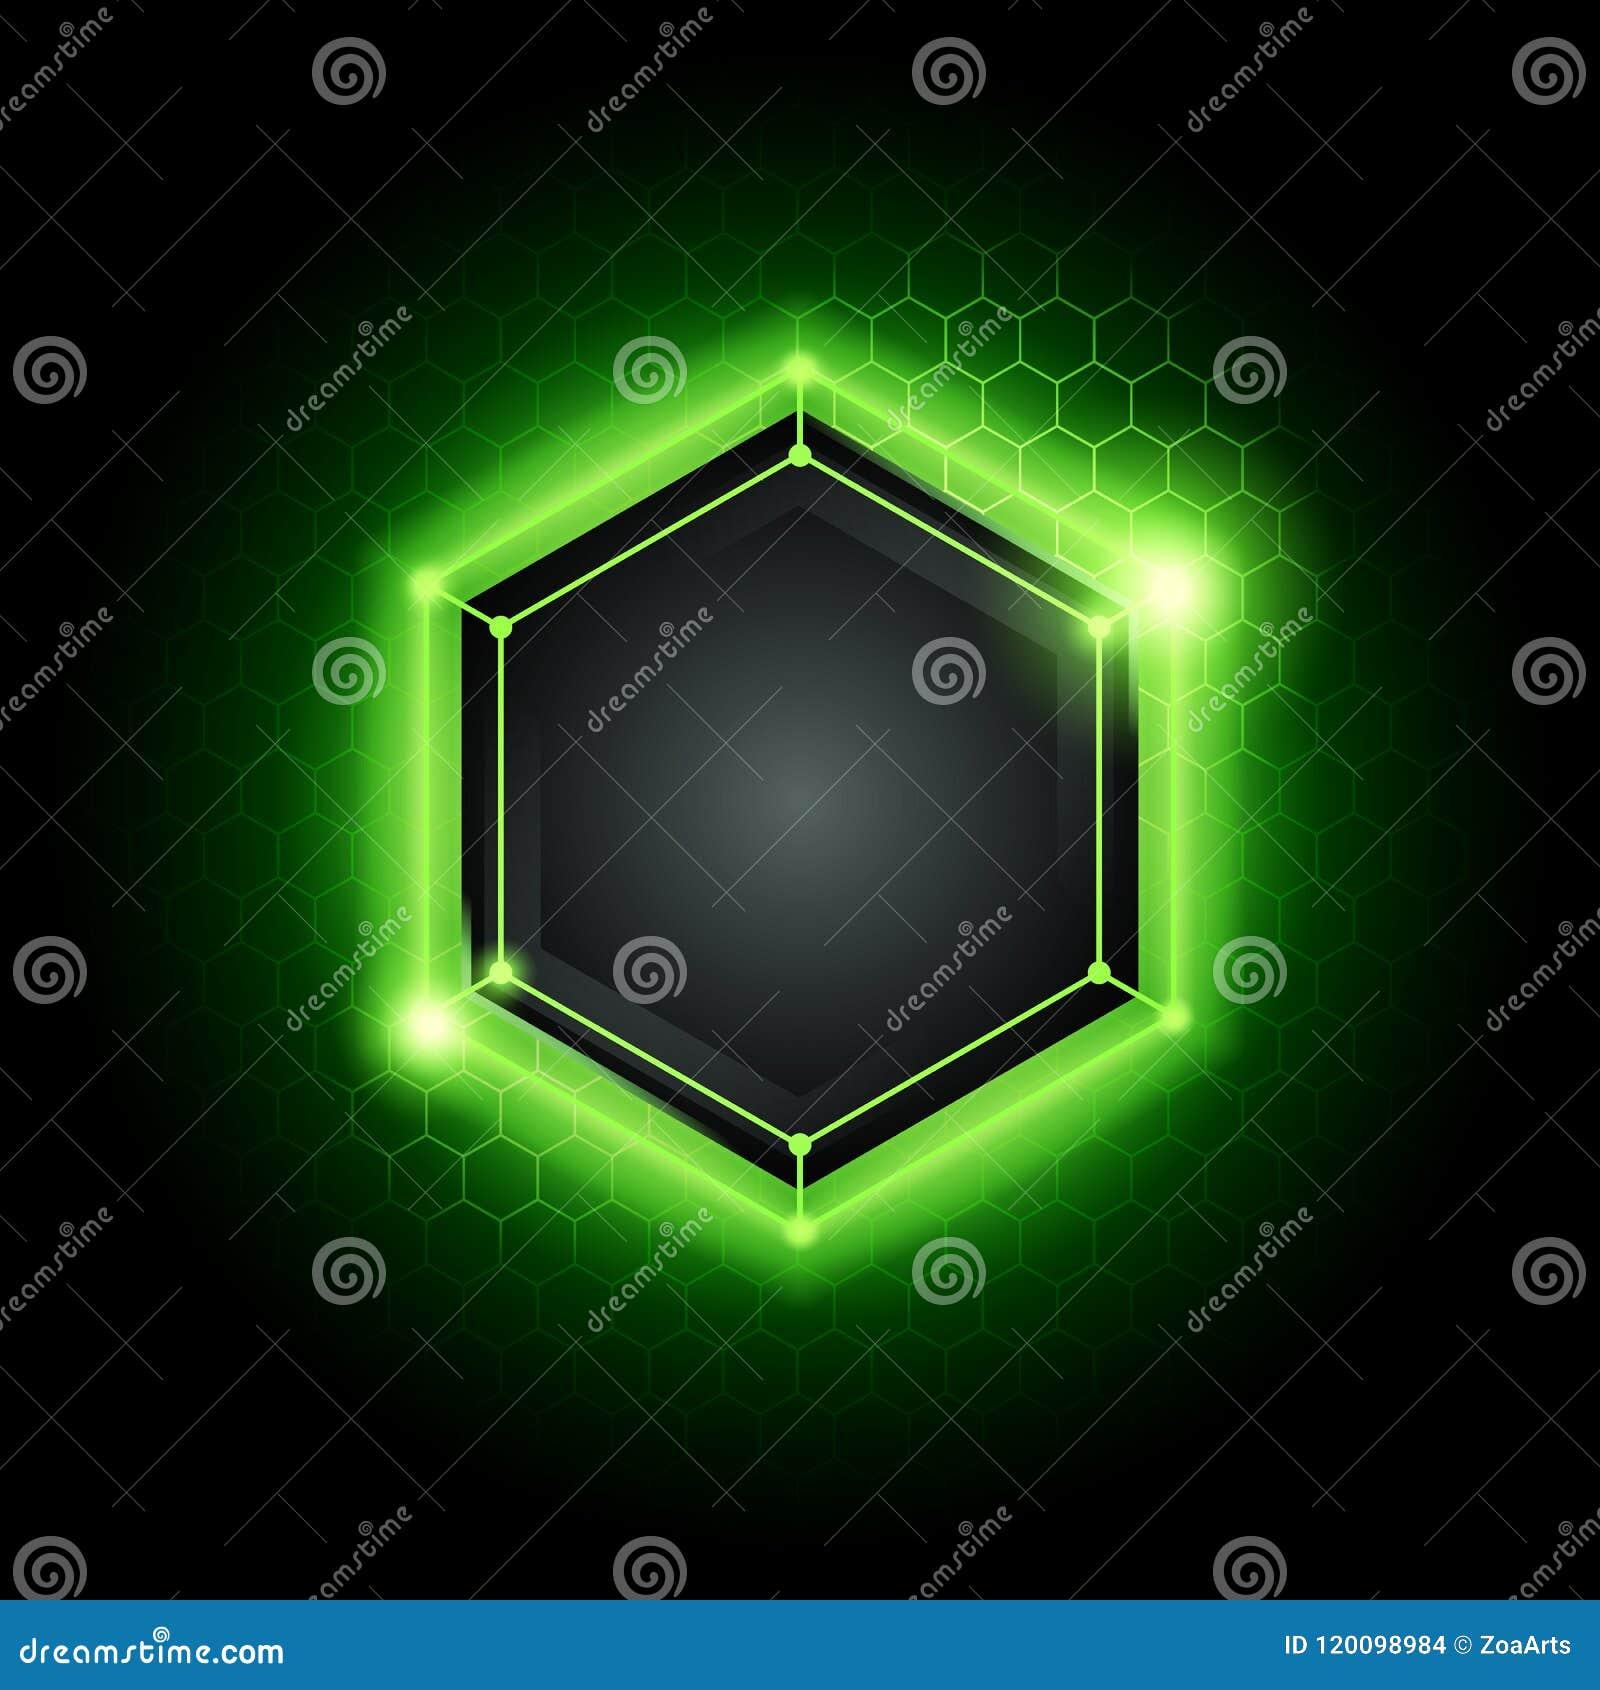 Vector o fundo moderno abstrato da tecnologia do cyber do metal da ilustração com teste padrão poli do hexágono e luz verde